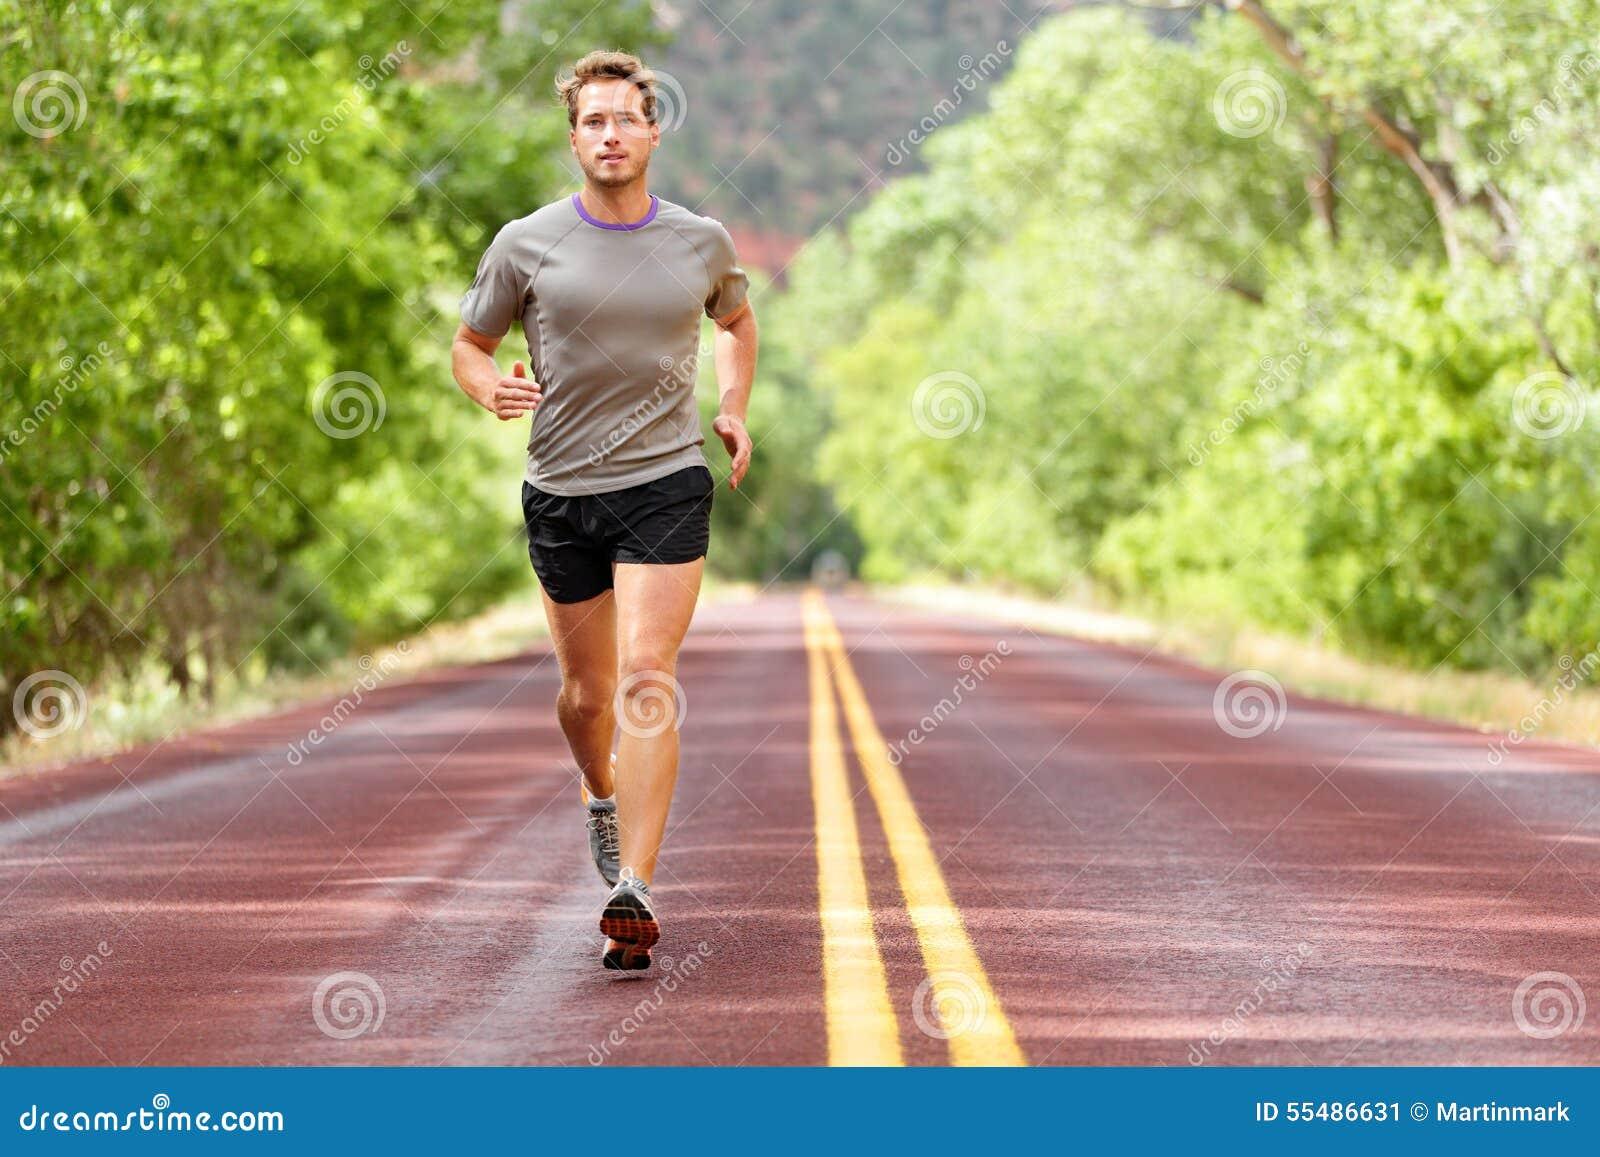 Sport en fitness agentmens die op weg lopen